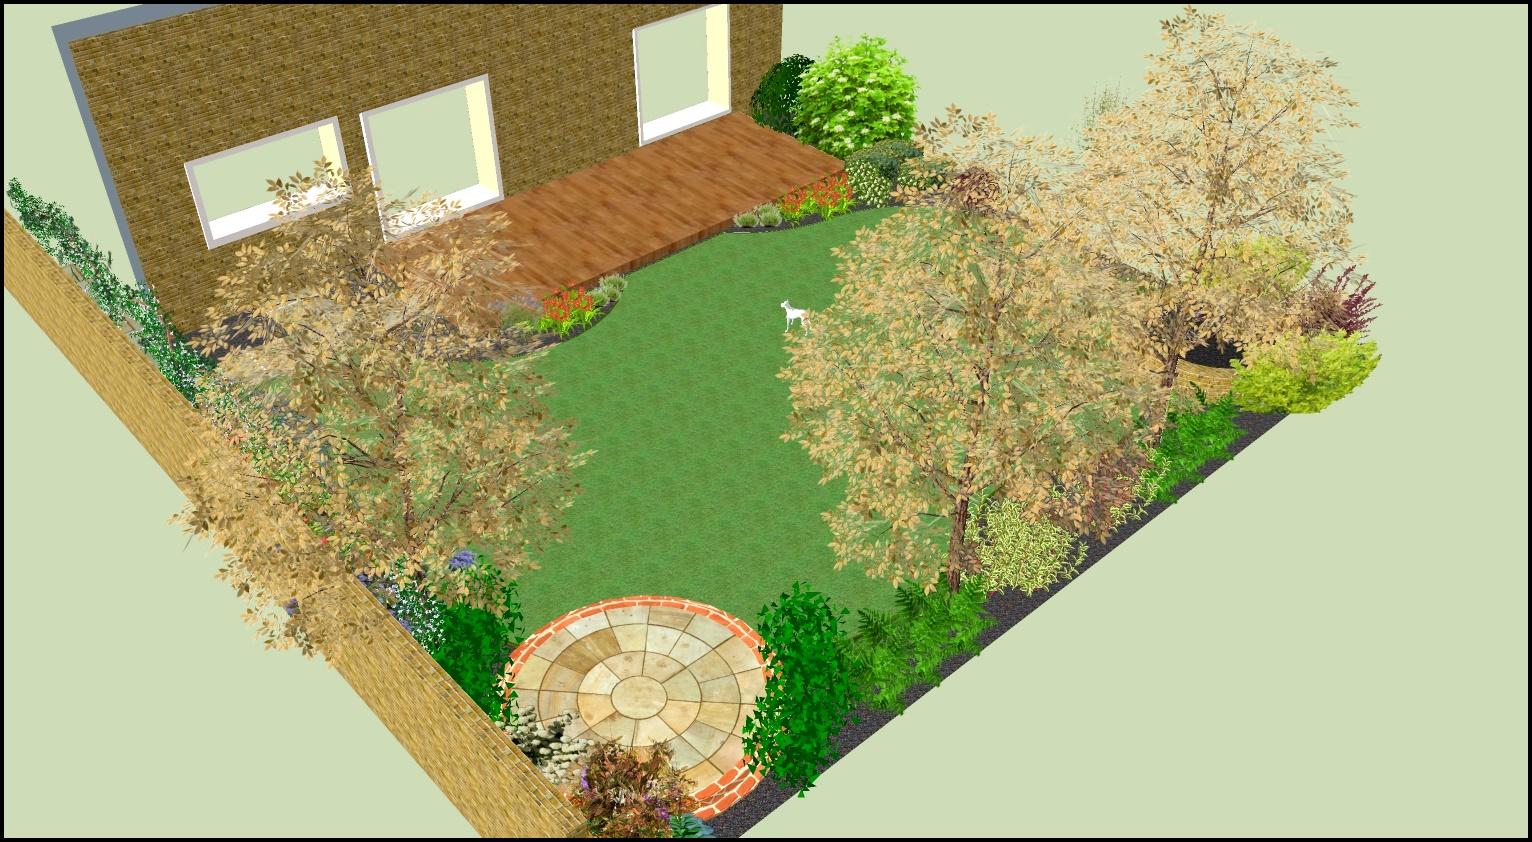 using 3d design software to create garden designs | gardner's